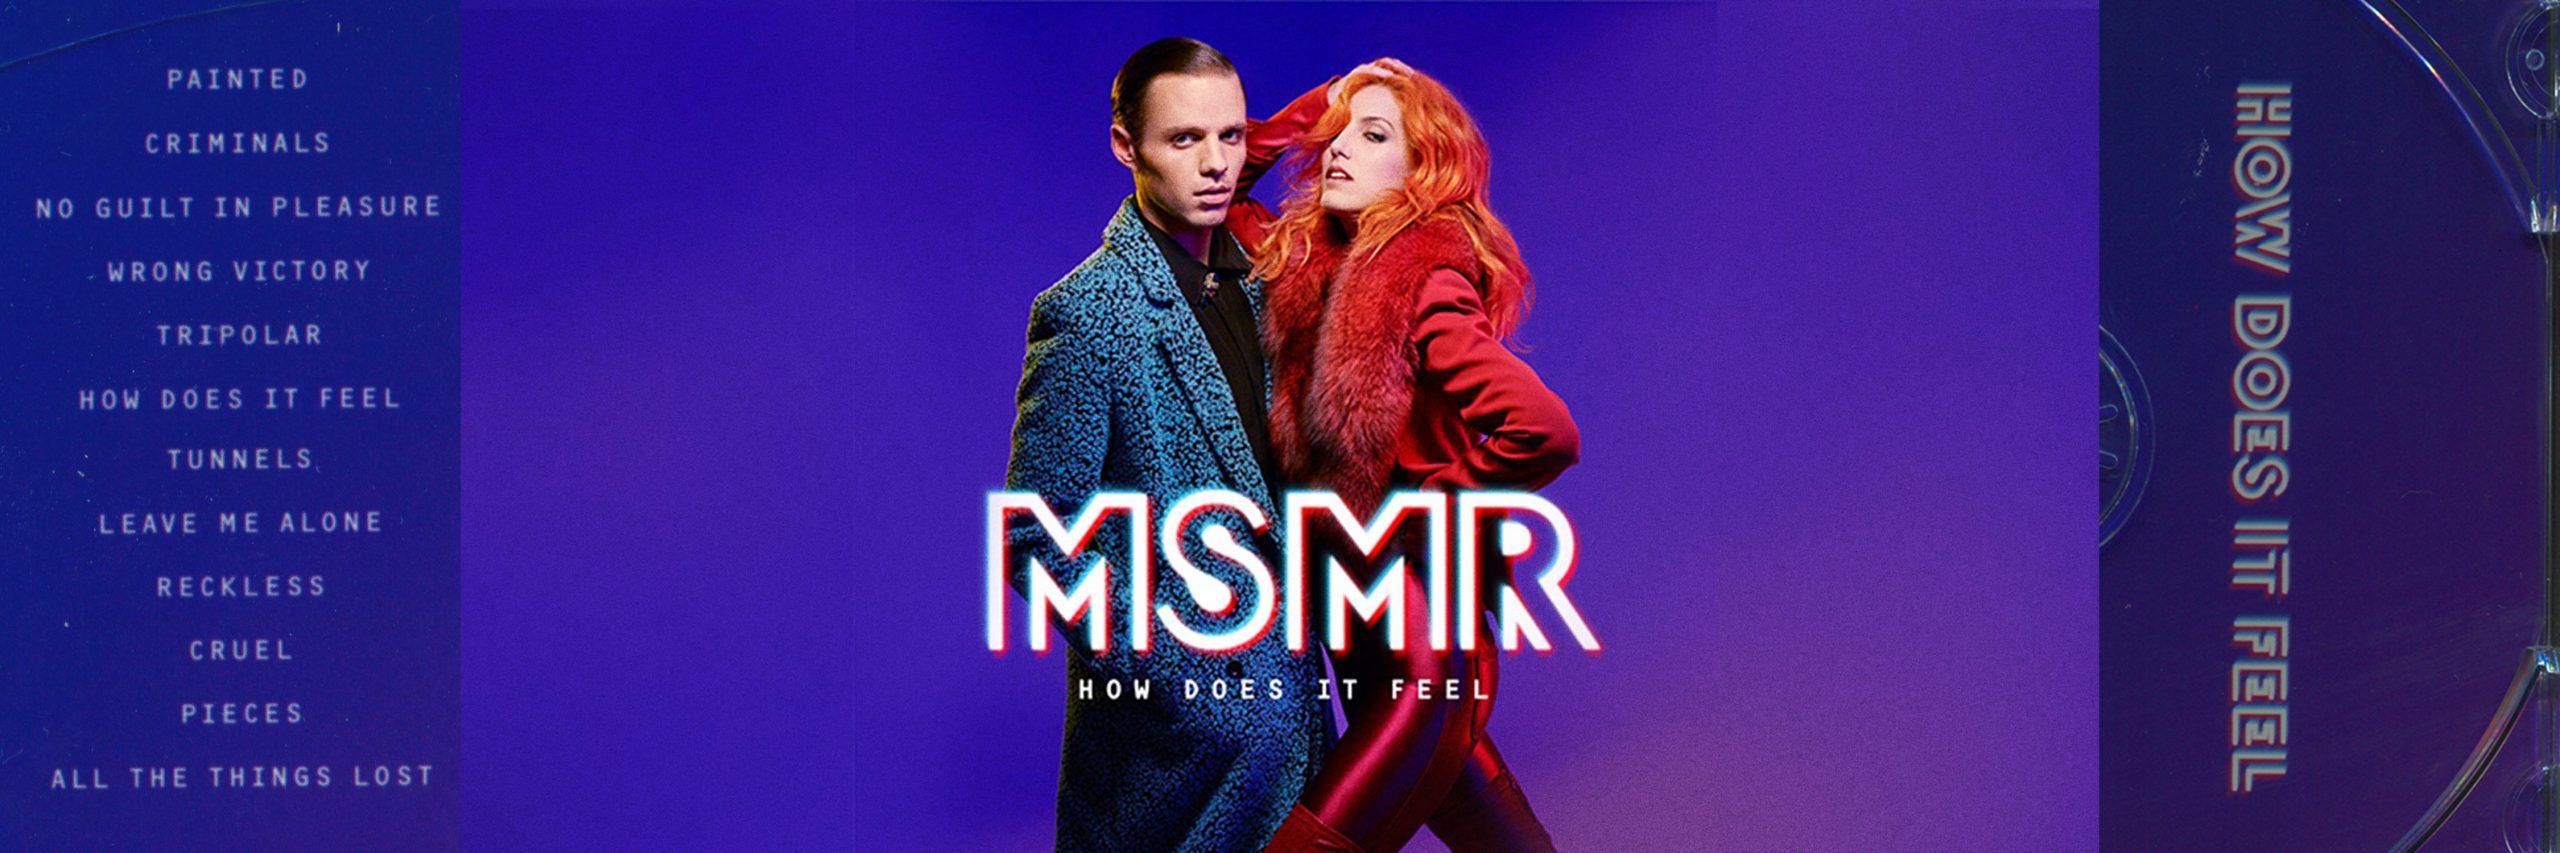 MS-MR_CD_4